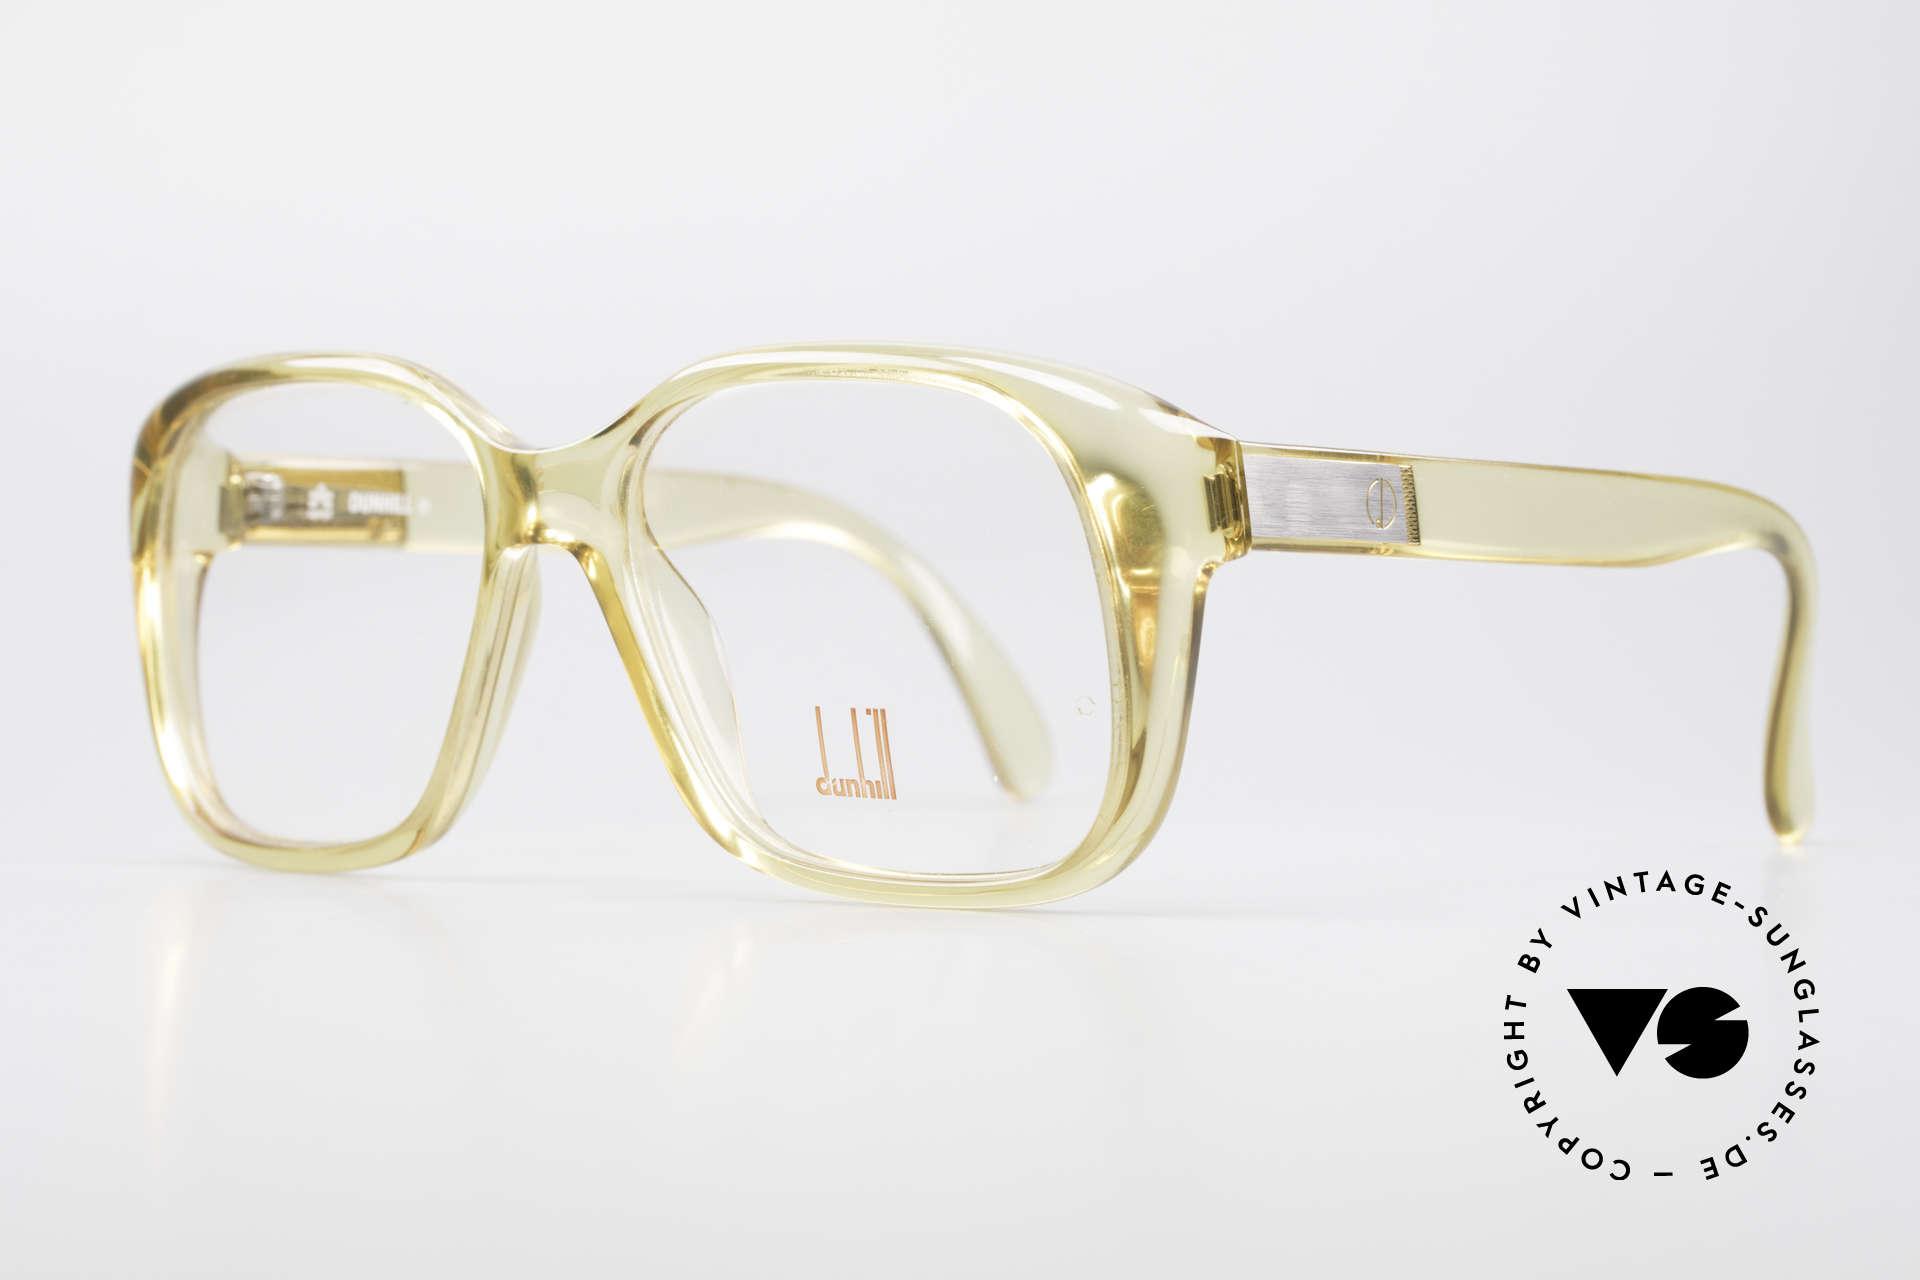 Dunhill 6013 80er Old School Goliath Brille, ähnlich der Ultra Goliath Brille; Robert de Niro (Casino), Passend für Herren